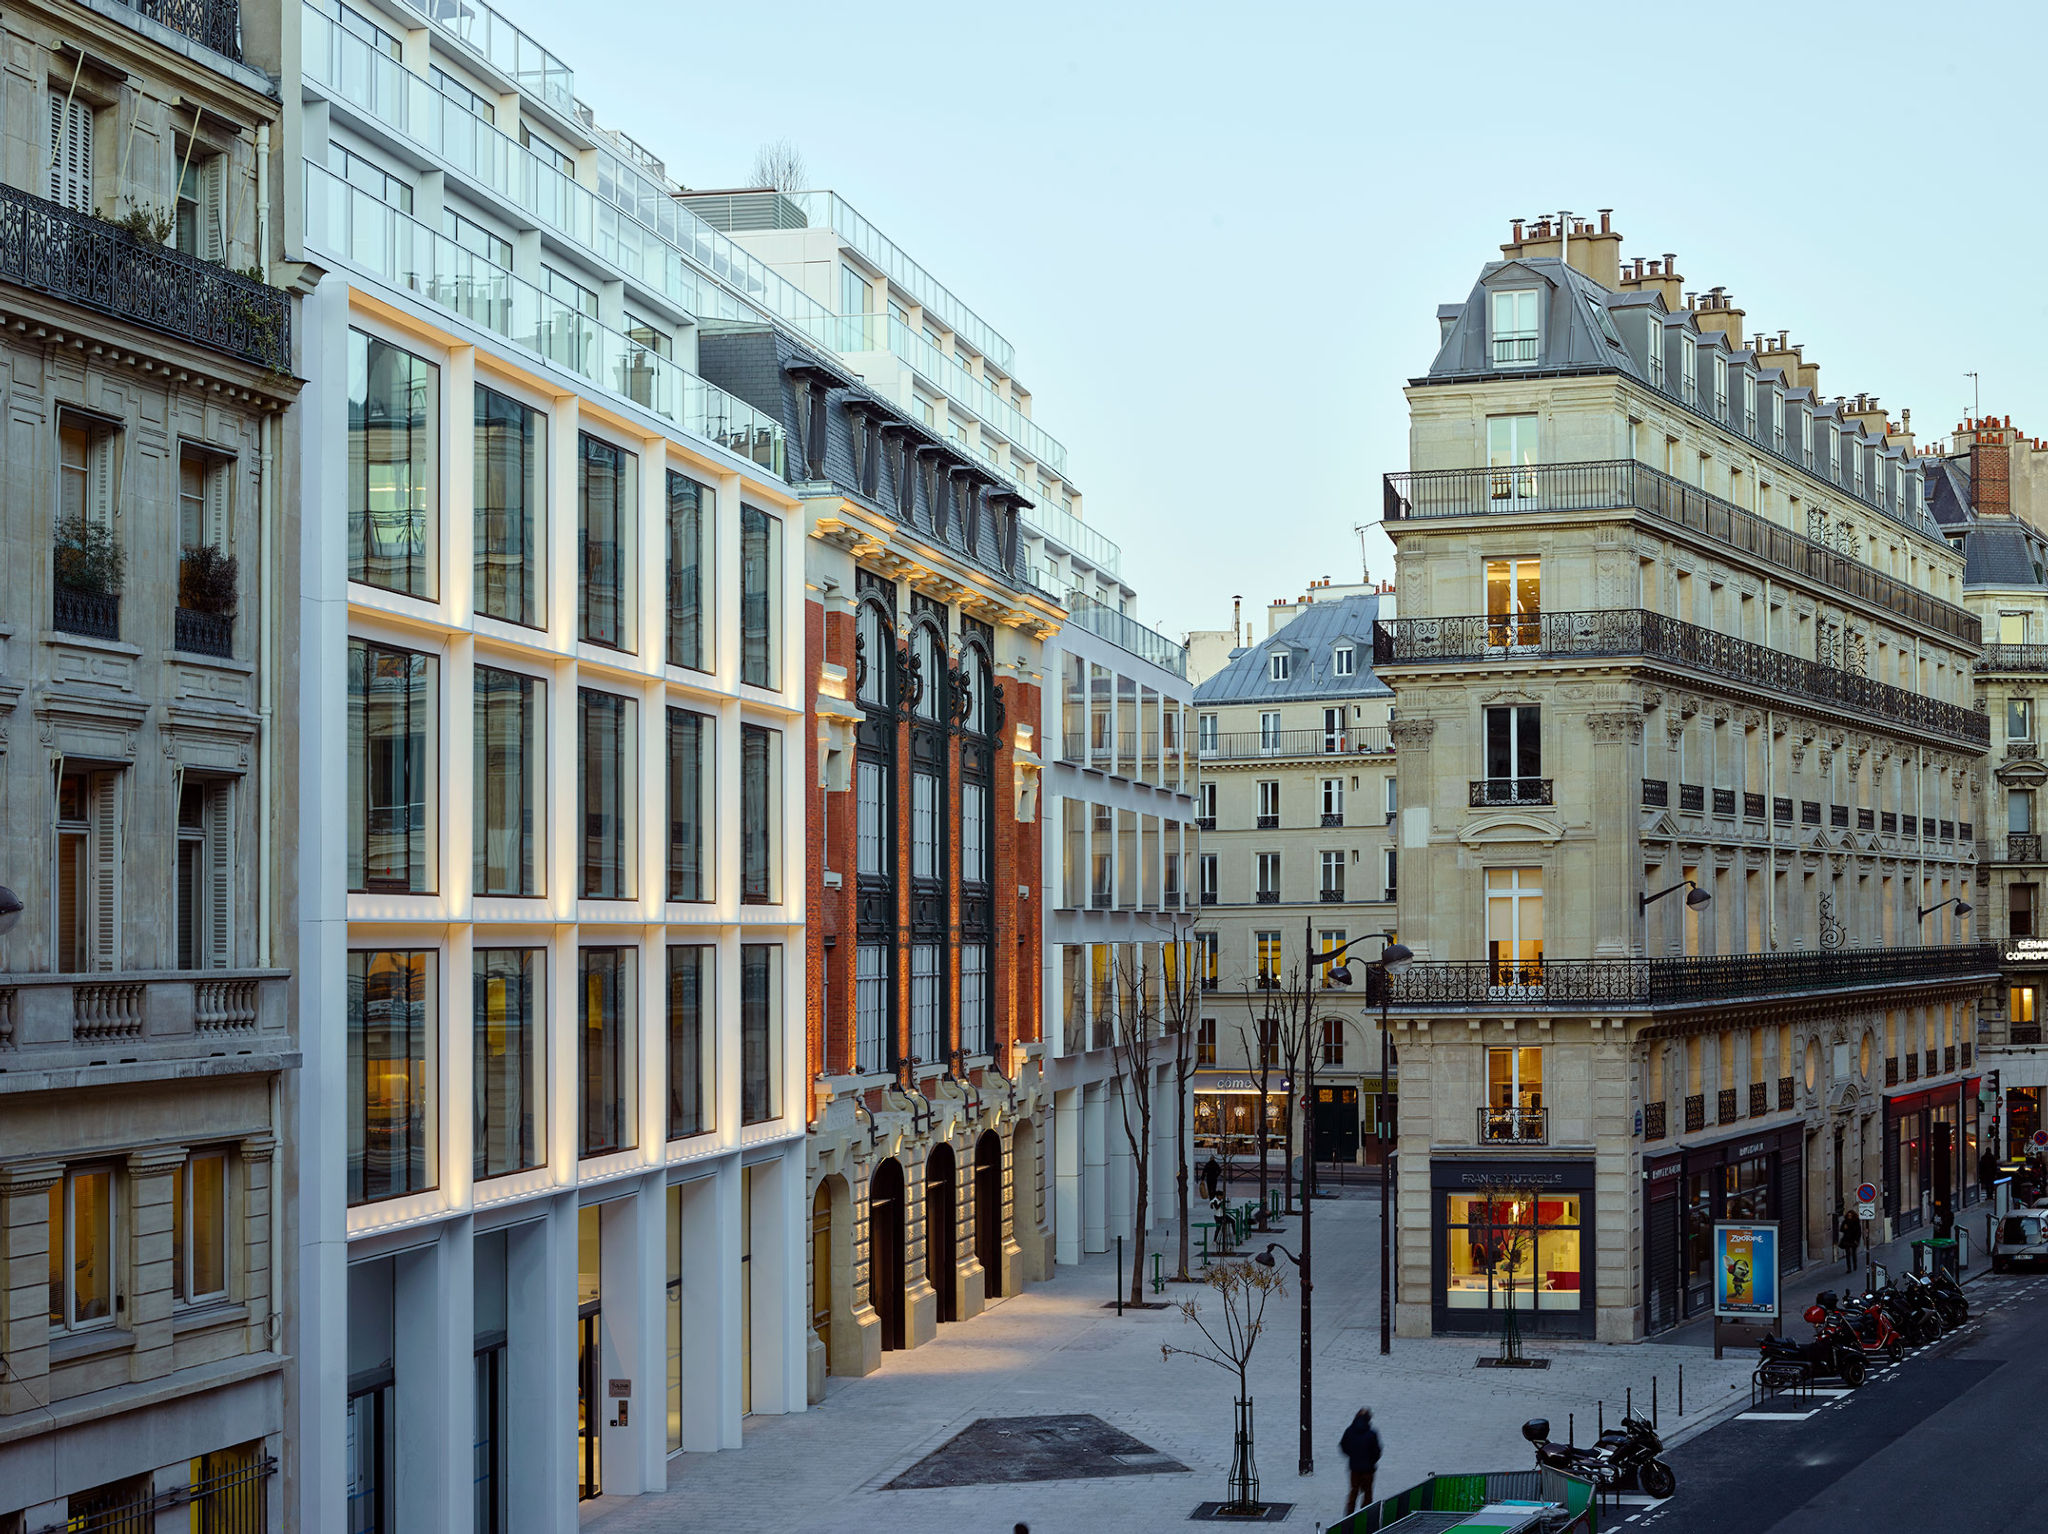 #cloud.paris PCA-STREAM bureaux hypercentralité nouveaux usages vue de nuit